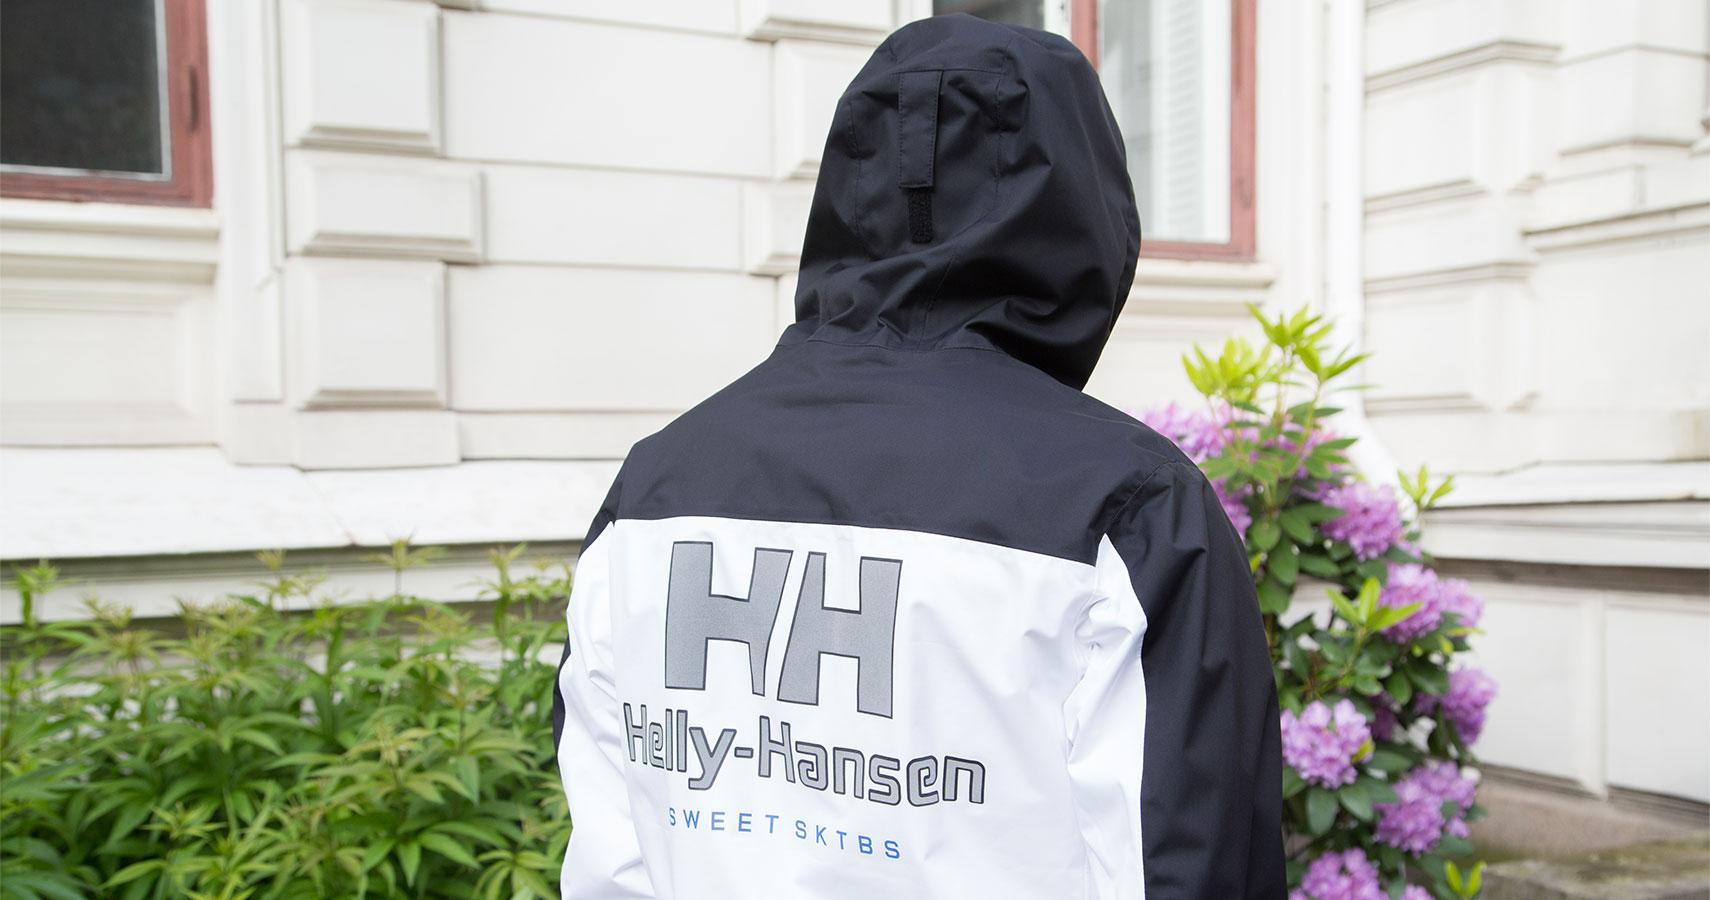 HellyHansen_ss18_1.jpg